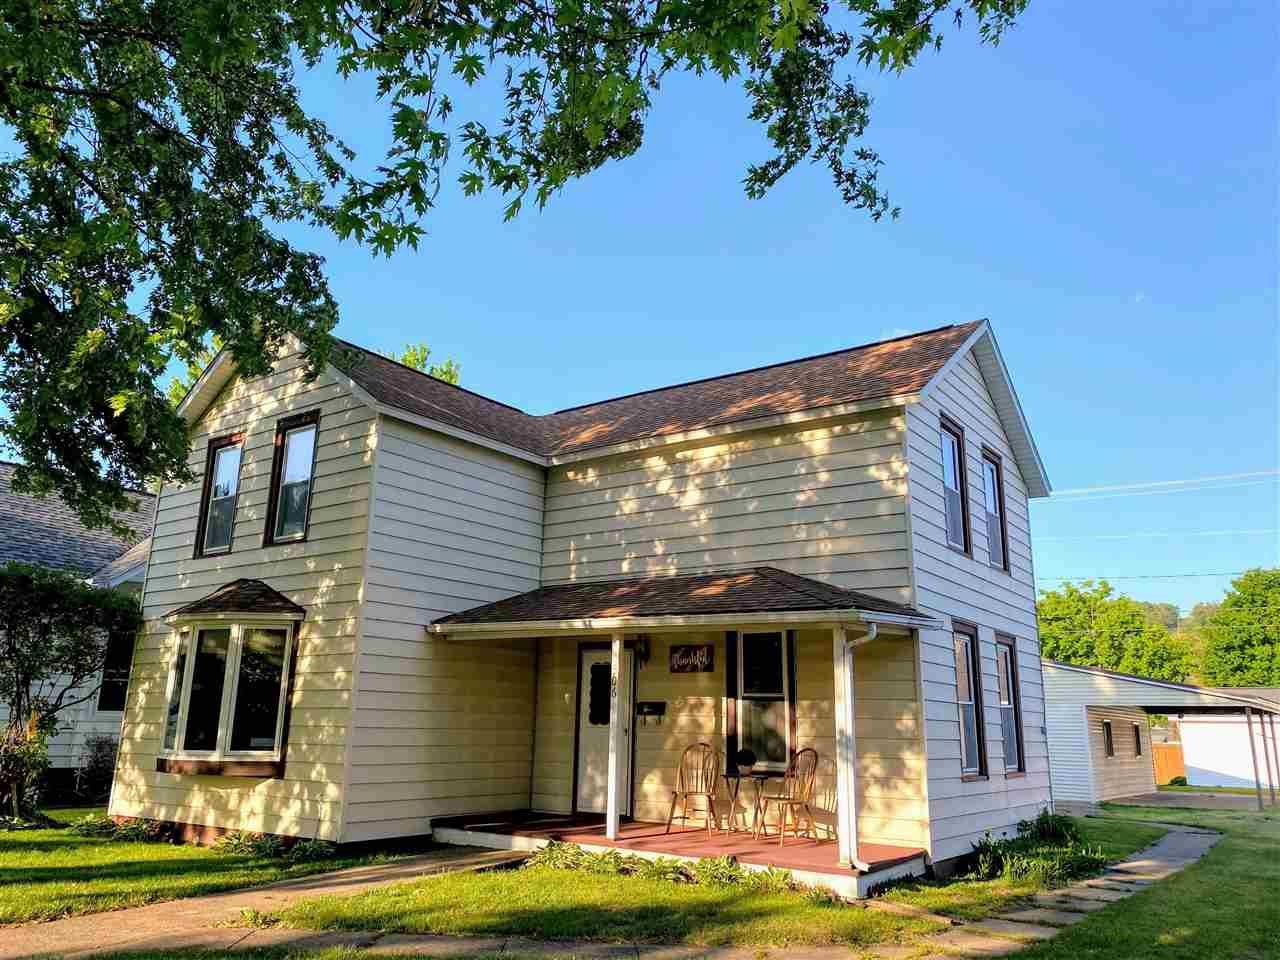 506 N Michigan, Prairie du Chien, WI 53821 - #: 1909394